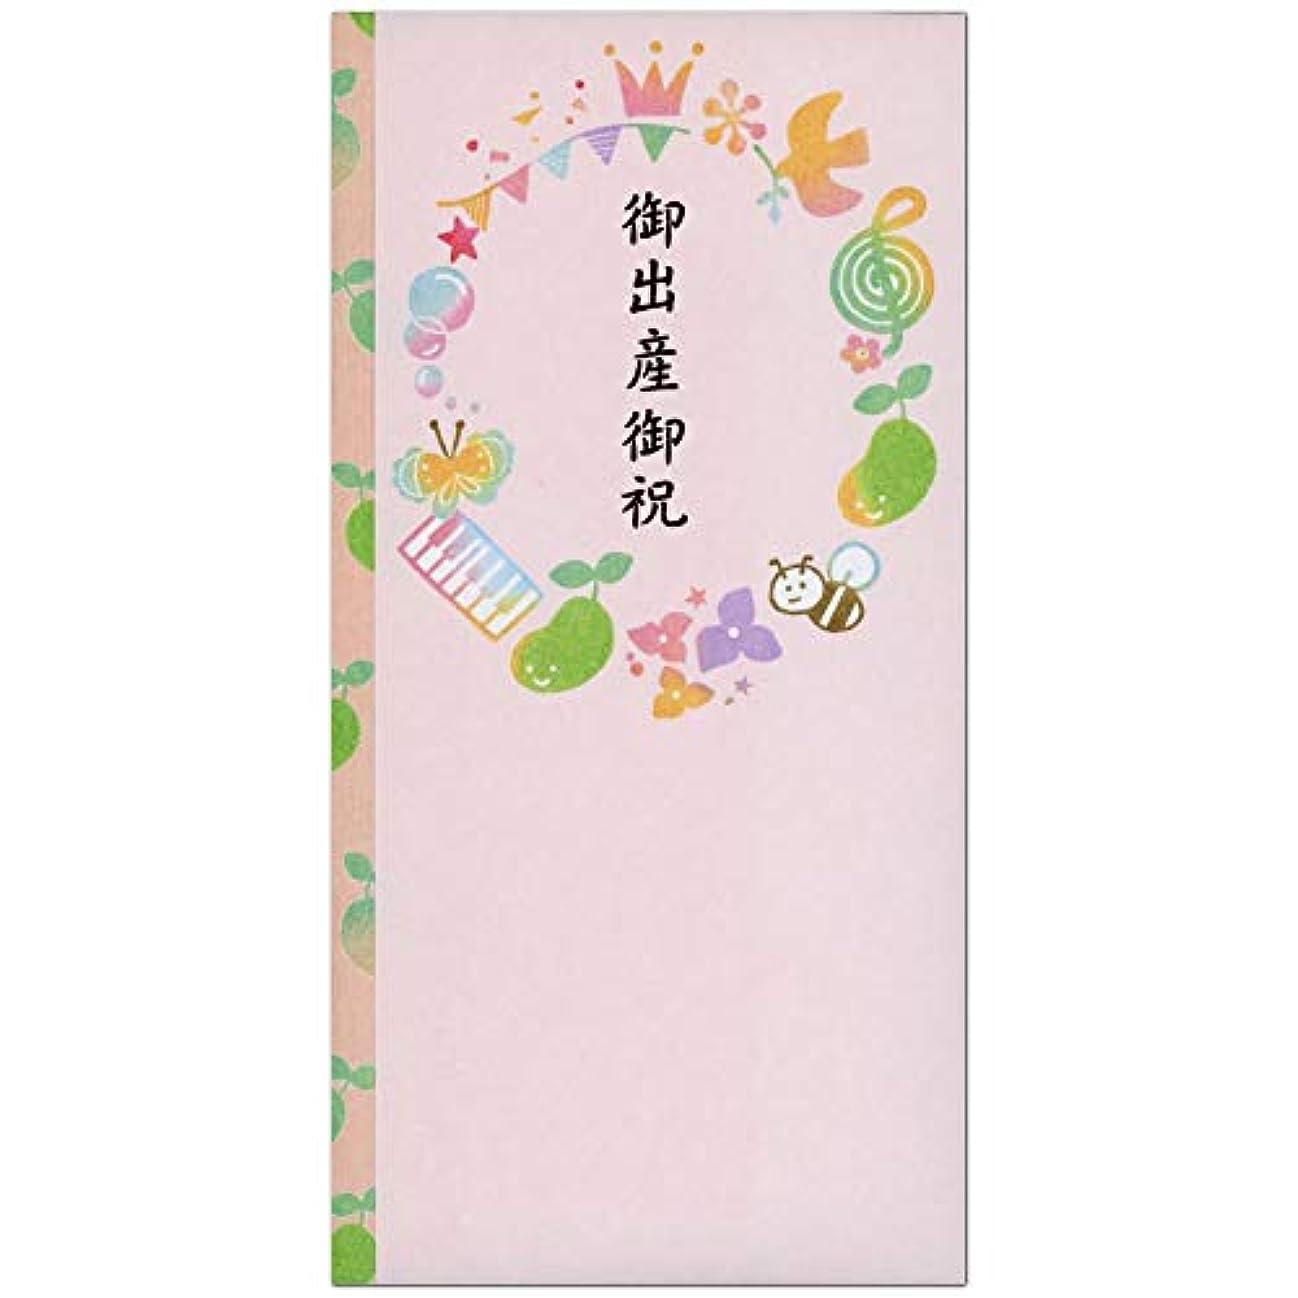 守るバクテリアガイドフロンティア 祝儀袋 出産祝 はんこ新芽 SG−183 ピンク